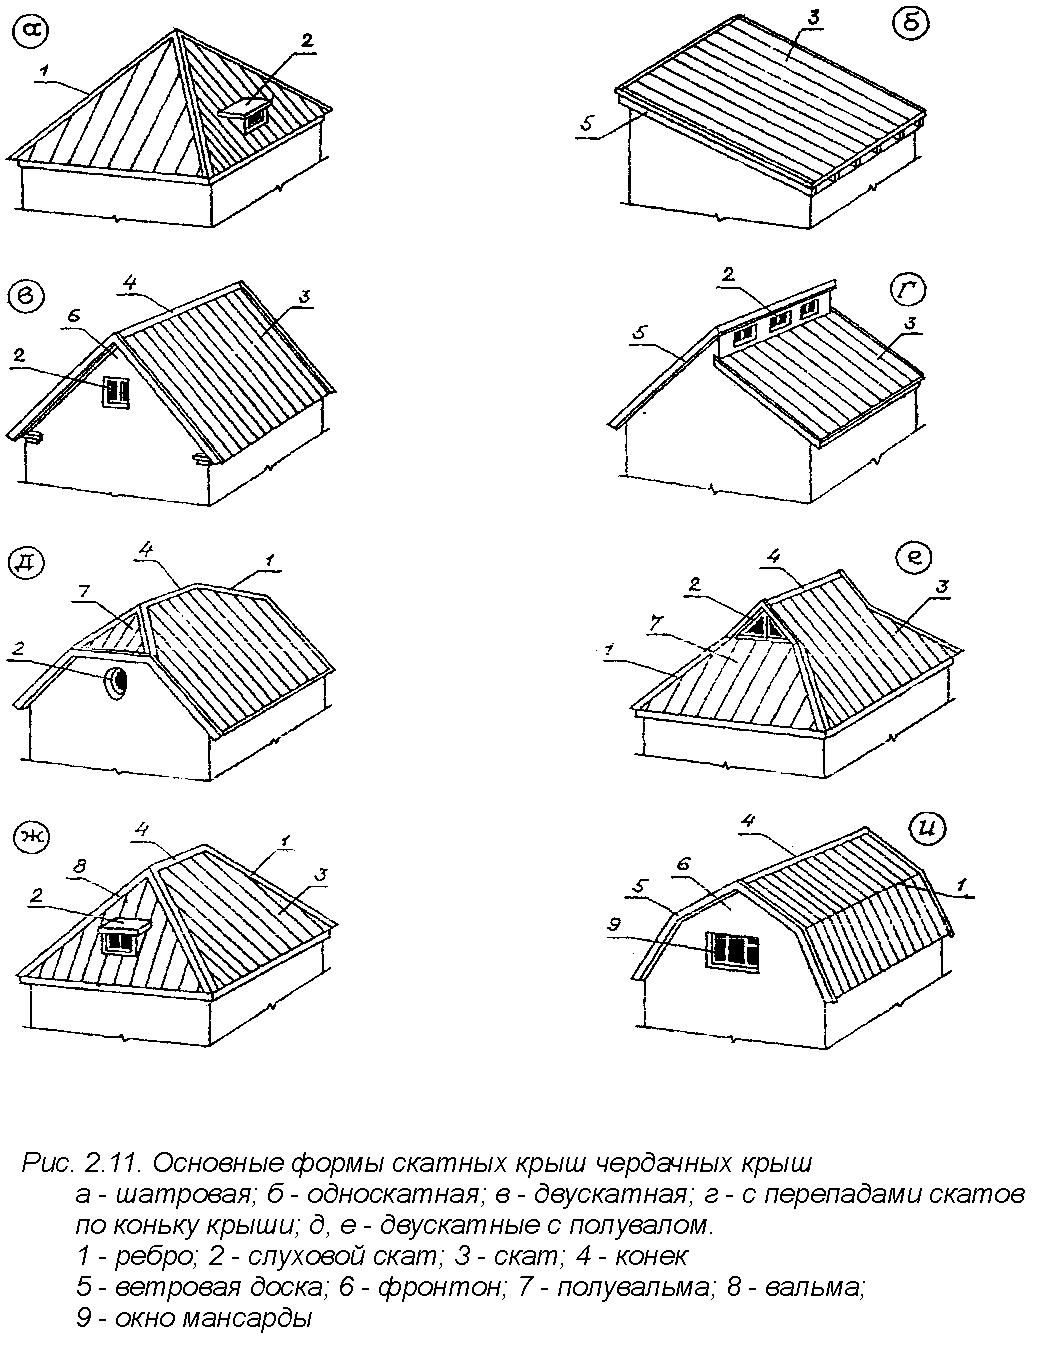 все виды форм крыш в картинках упаковке